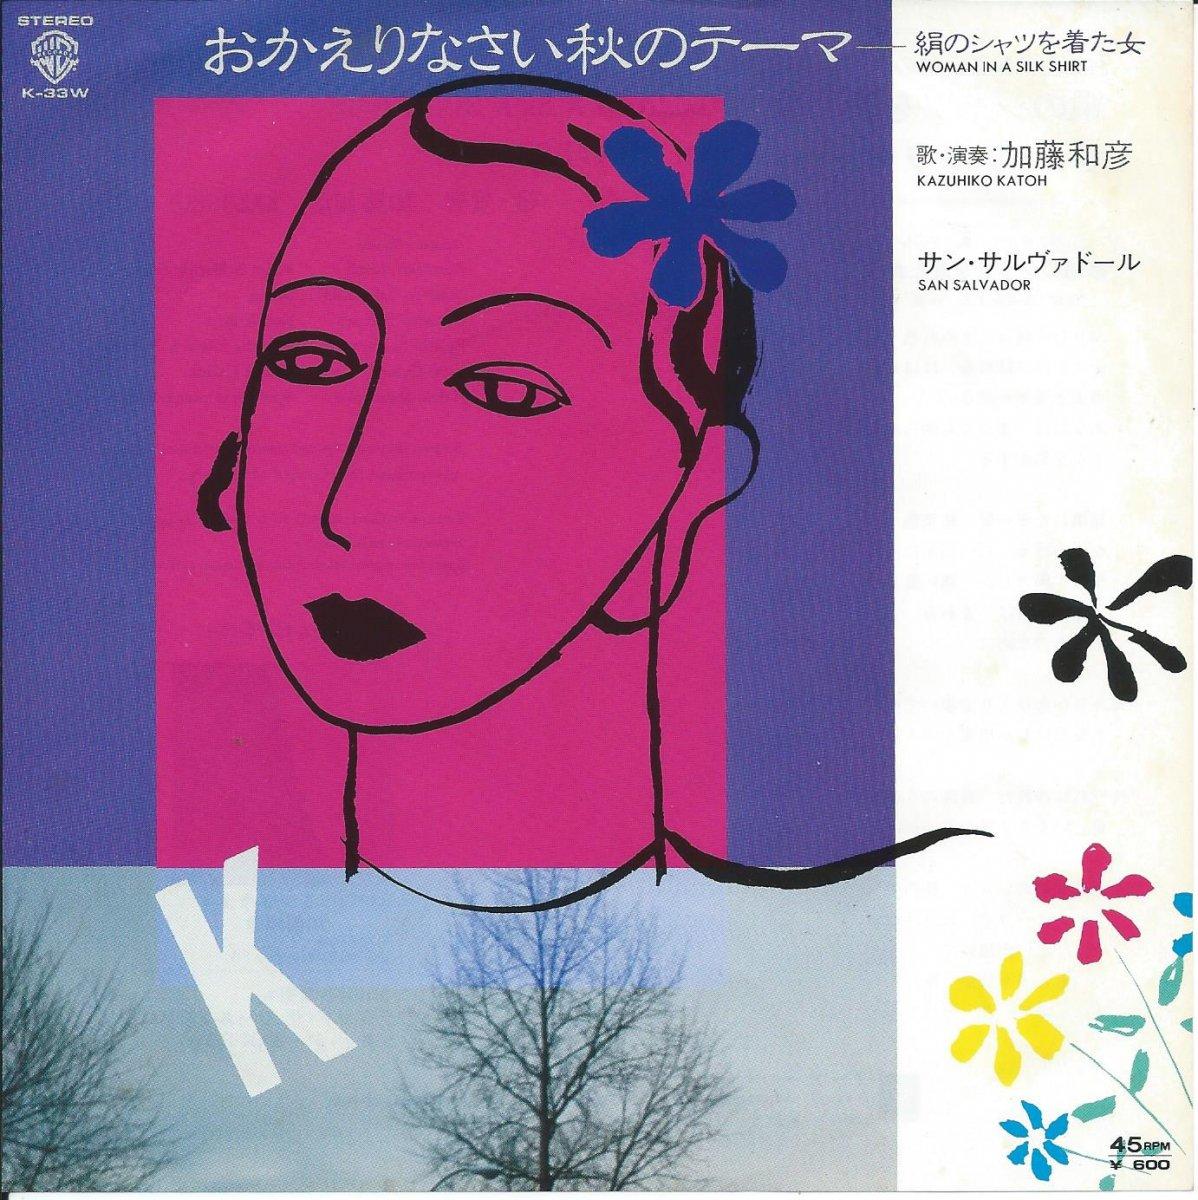 加藤和彦 KAZUHIKO KATOH / 絹のシャツを着た女 WOMAN IN A SILK SHIRT (おかえりなさい秋のテーマ) (7